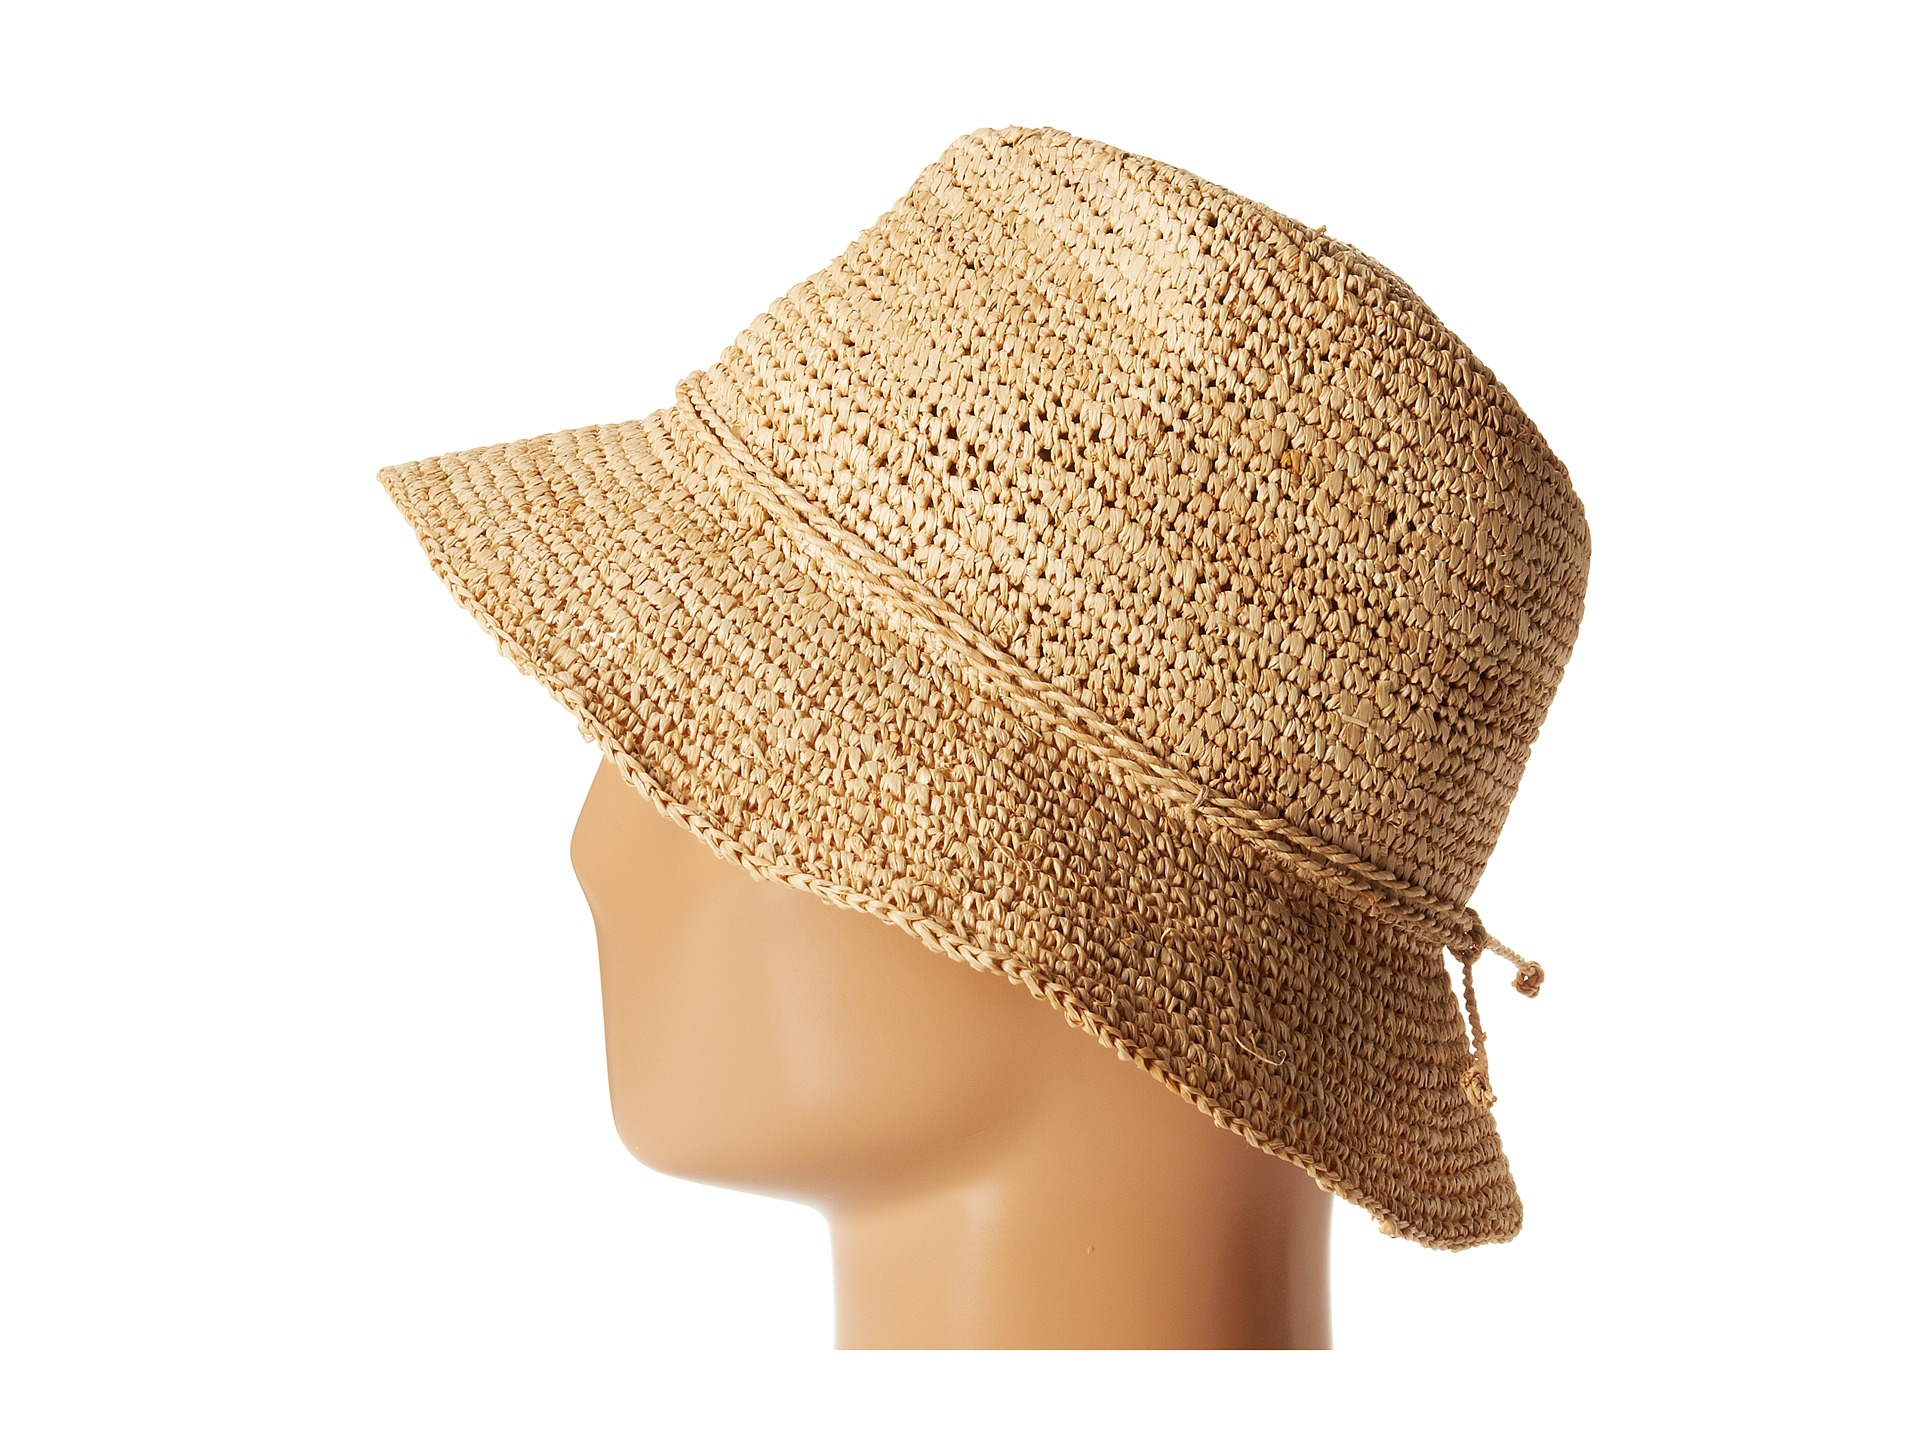 San diego hat company rhs3106 crochet raffia bucket zappos com free